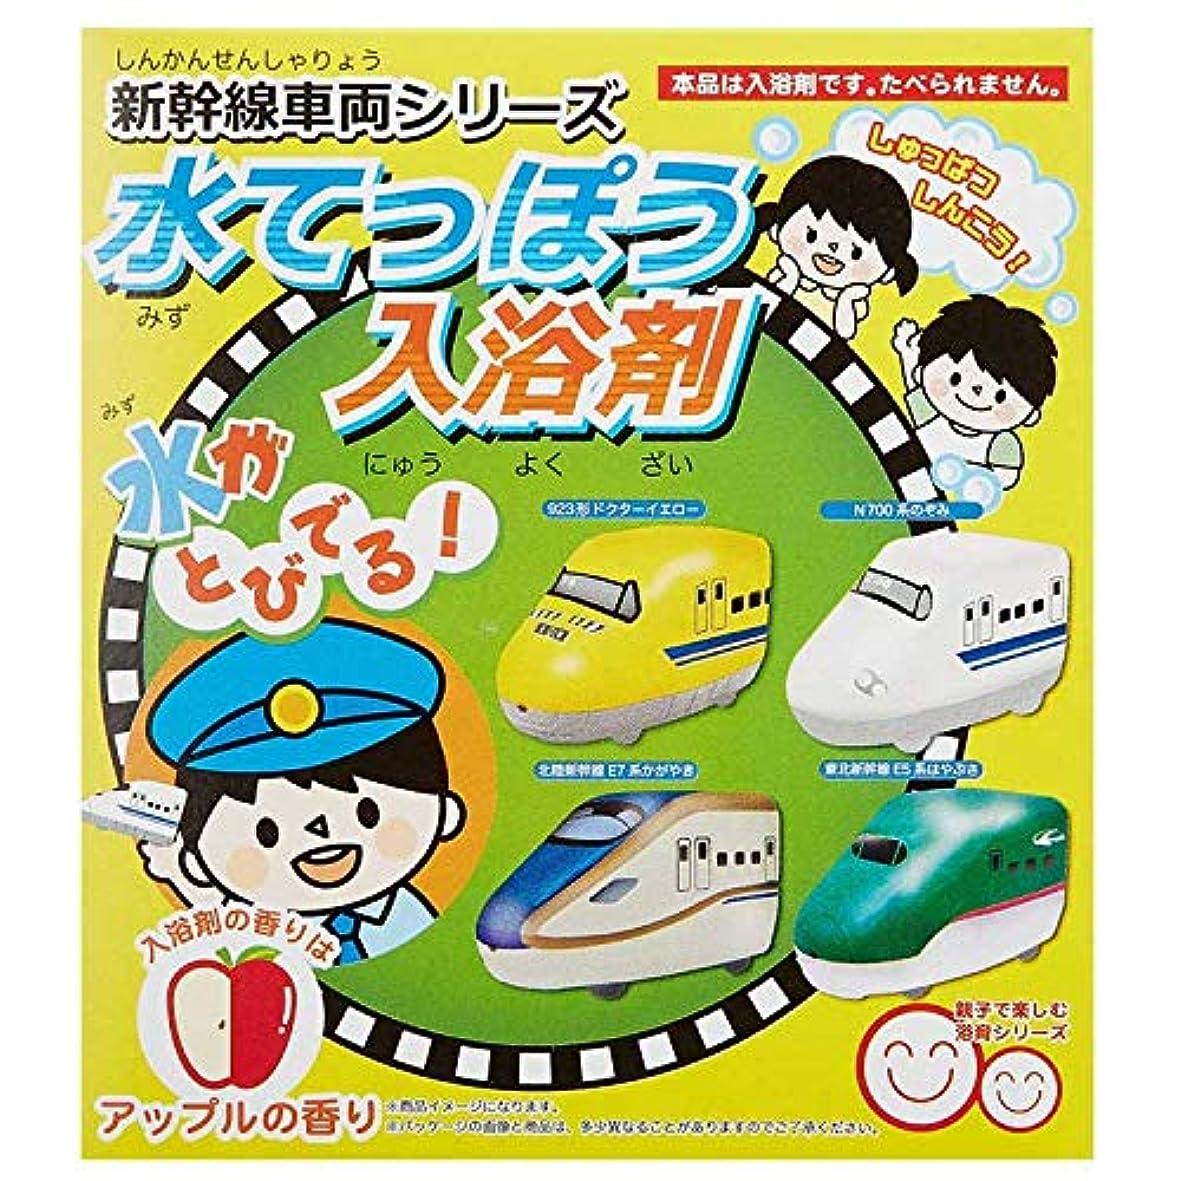 柄はおまかせ 新幹線シリーズ 水てっぽう入浴剤 [215711]